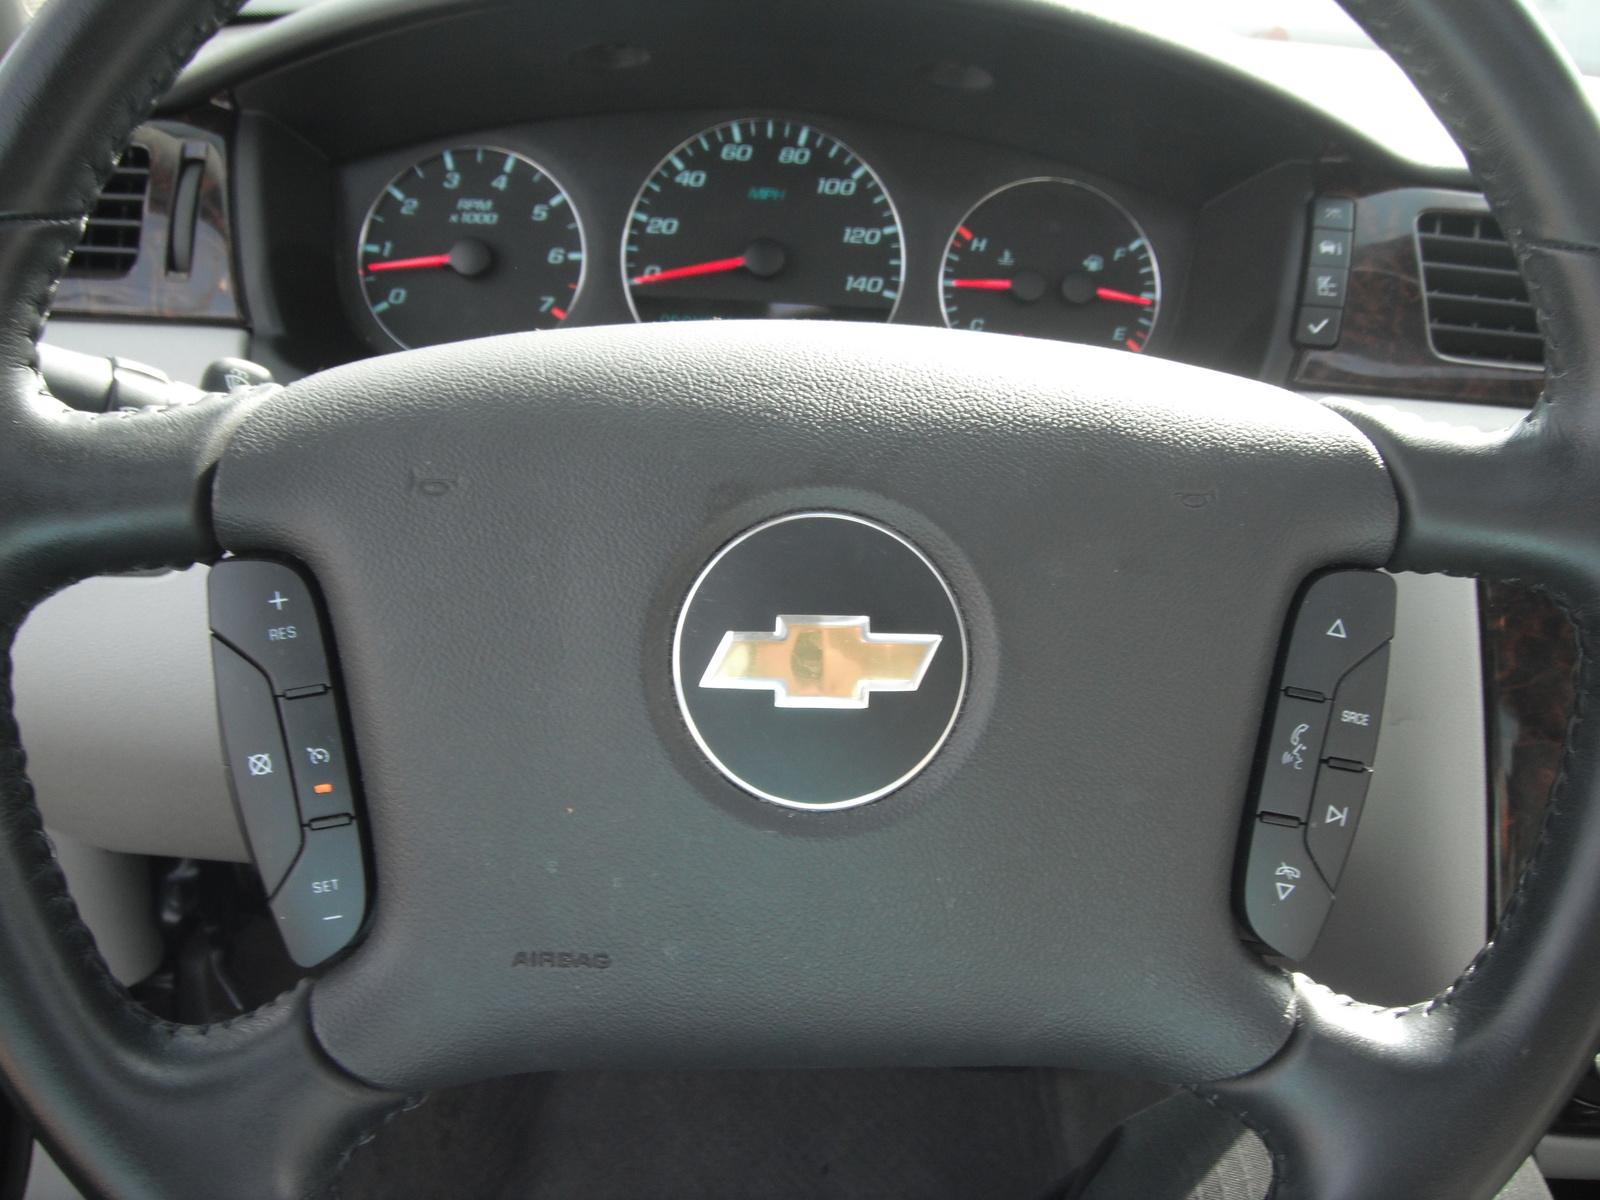 2013 chevrolet impala pictures cargurus